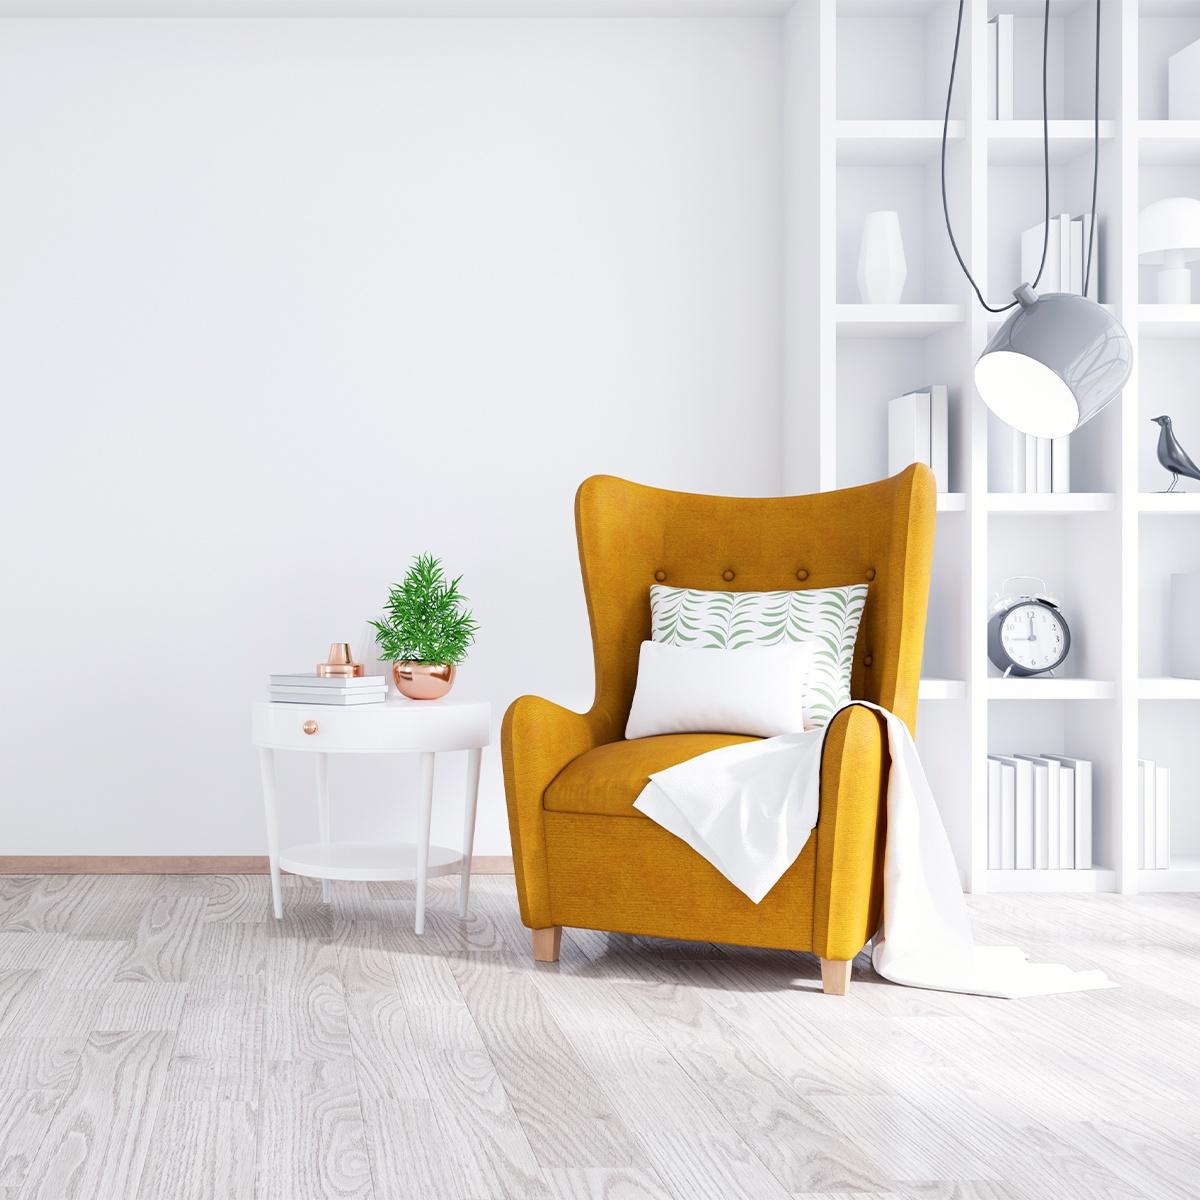 Una zona de lectura es muy fácil de crear. Bastará con un sillón o butaca, una mesa auxiliar y una lámpara.